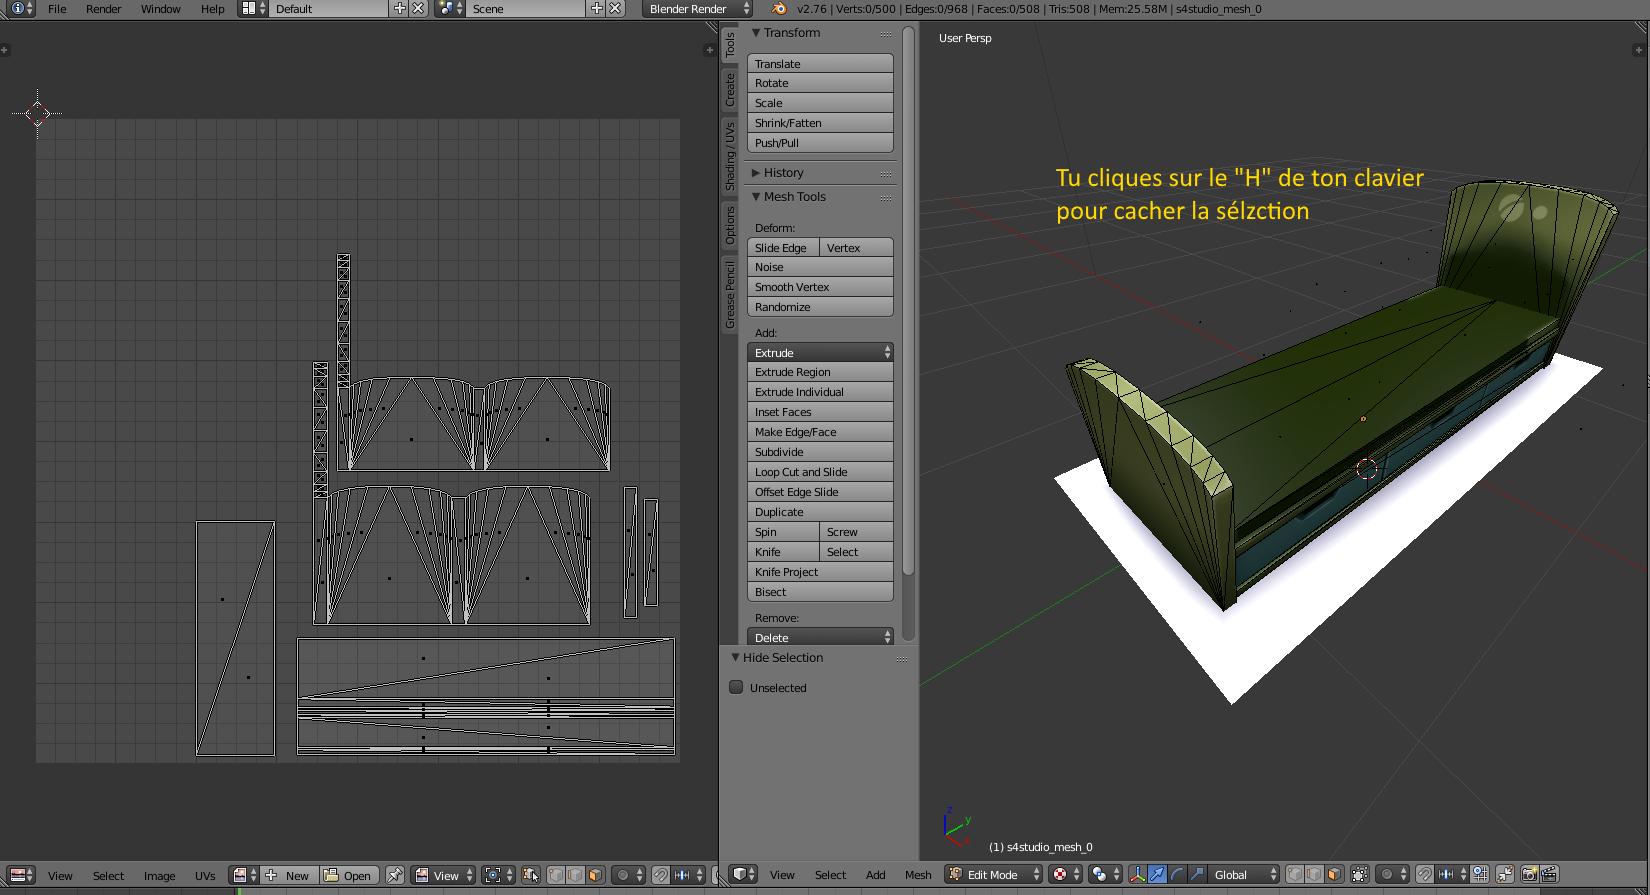 [Sims 4/Blender - Création d'un mesh] Aide à la création d'un nouveau mesh 3D 320